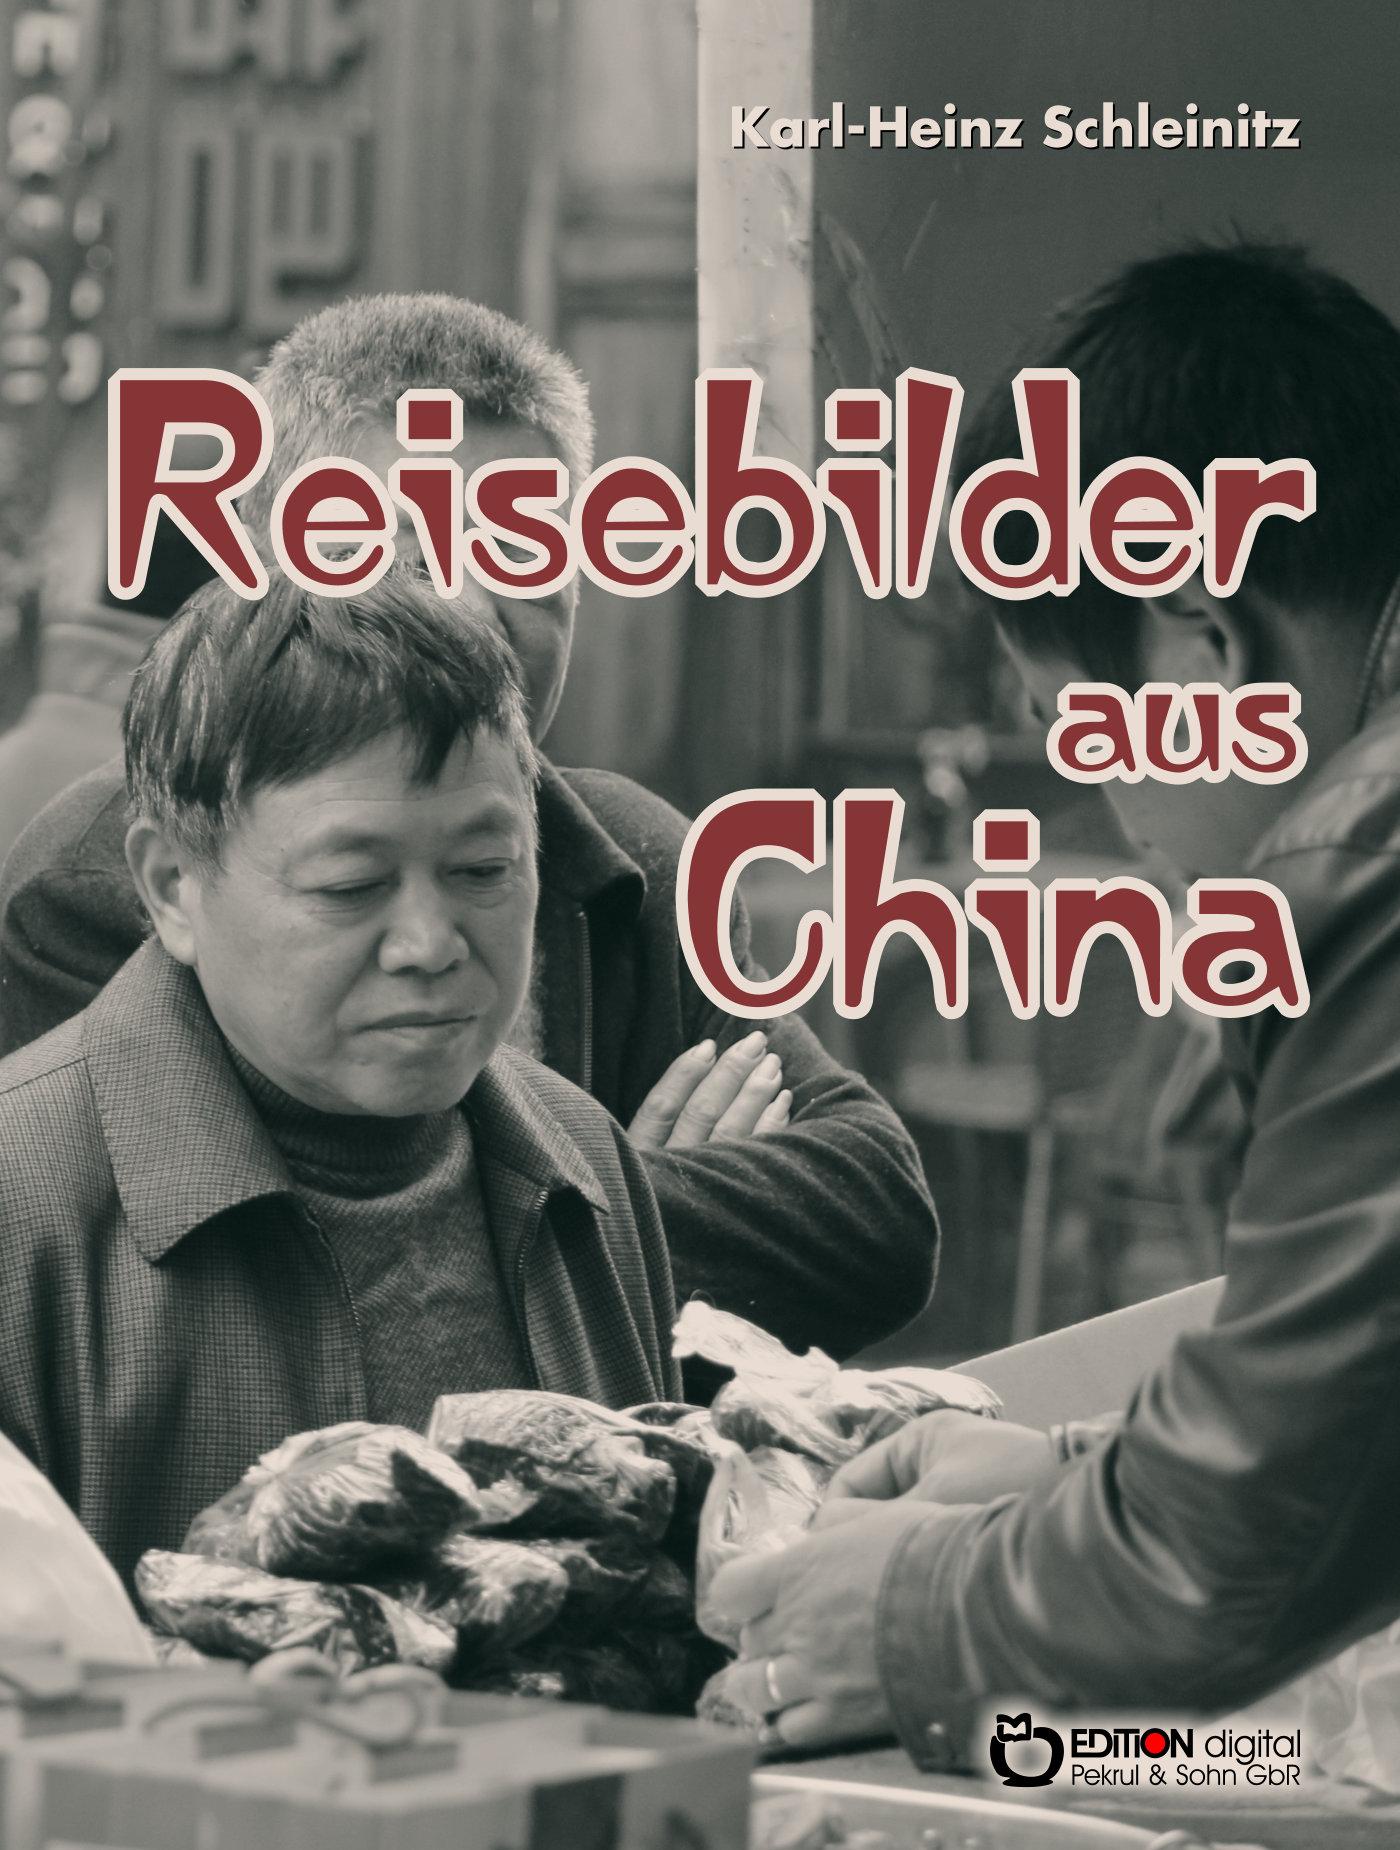 Reisebilder aus China (1956) von Karl-Heinz Schleinitz